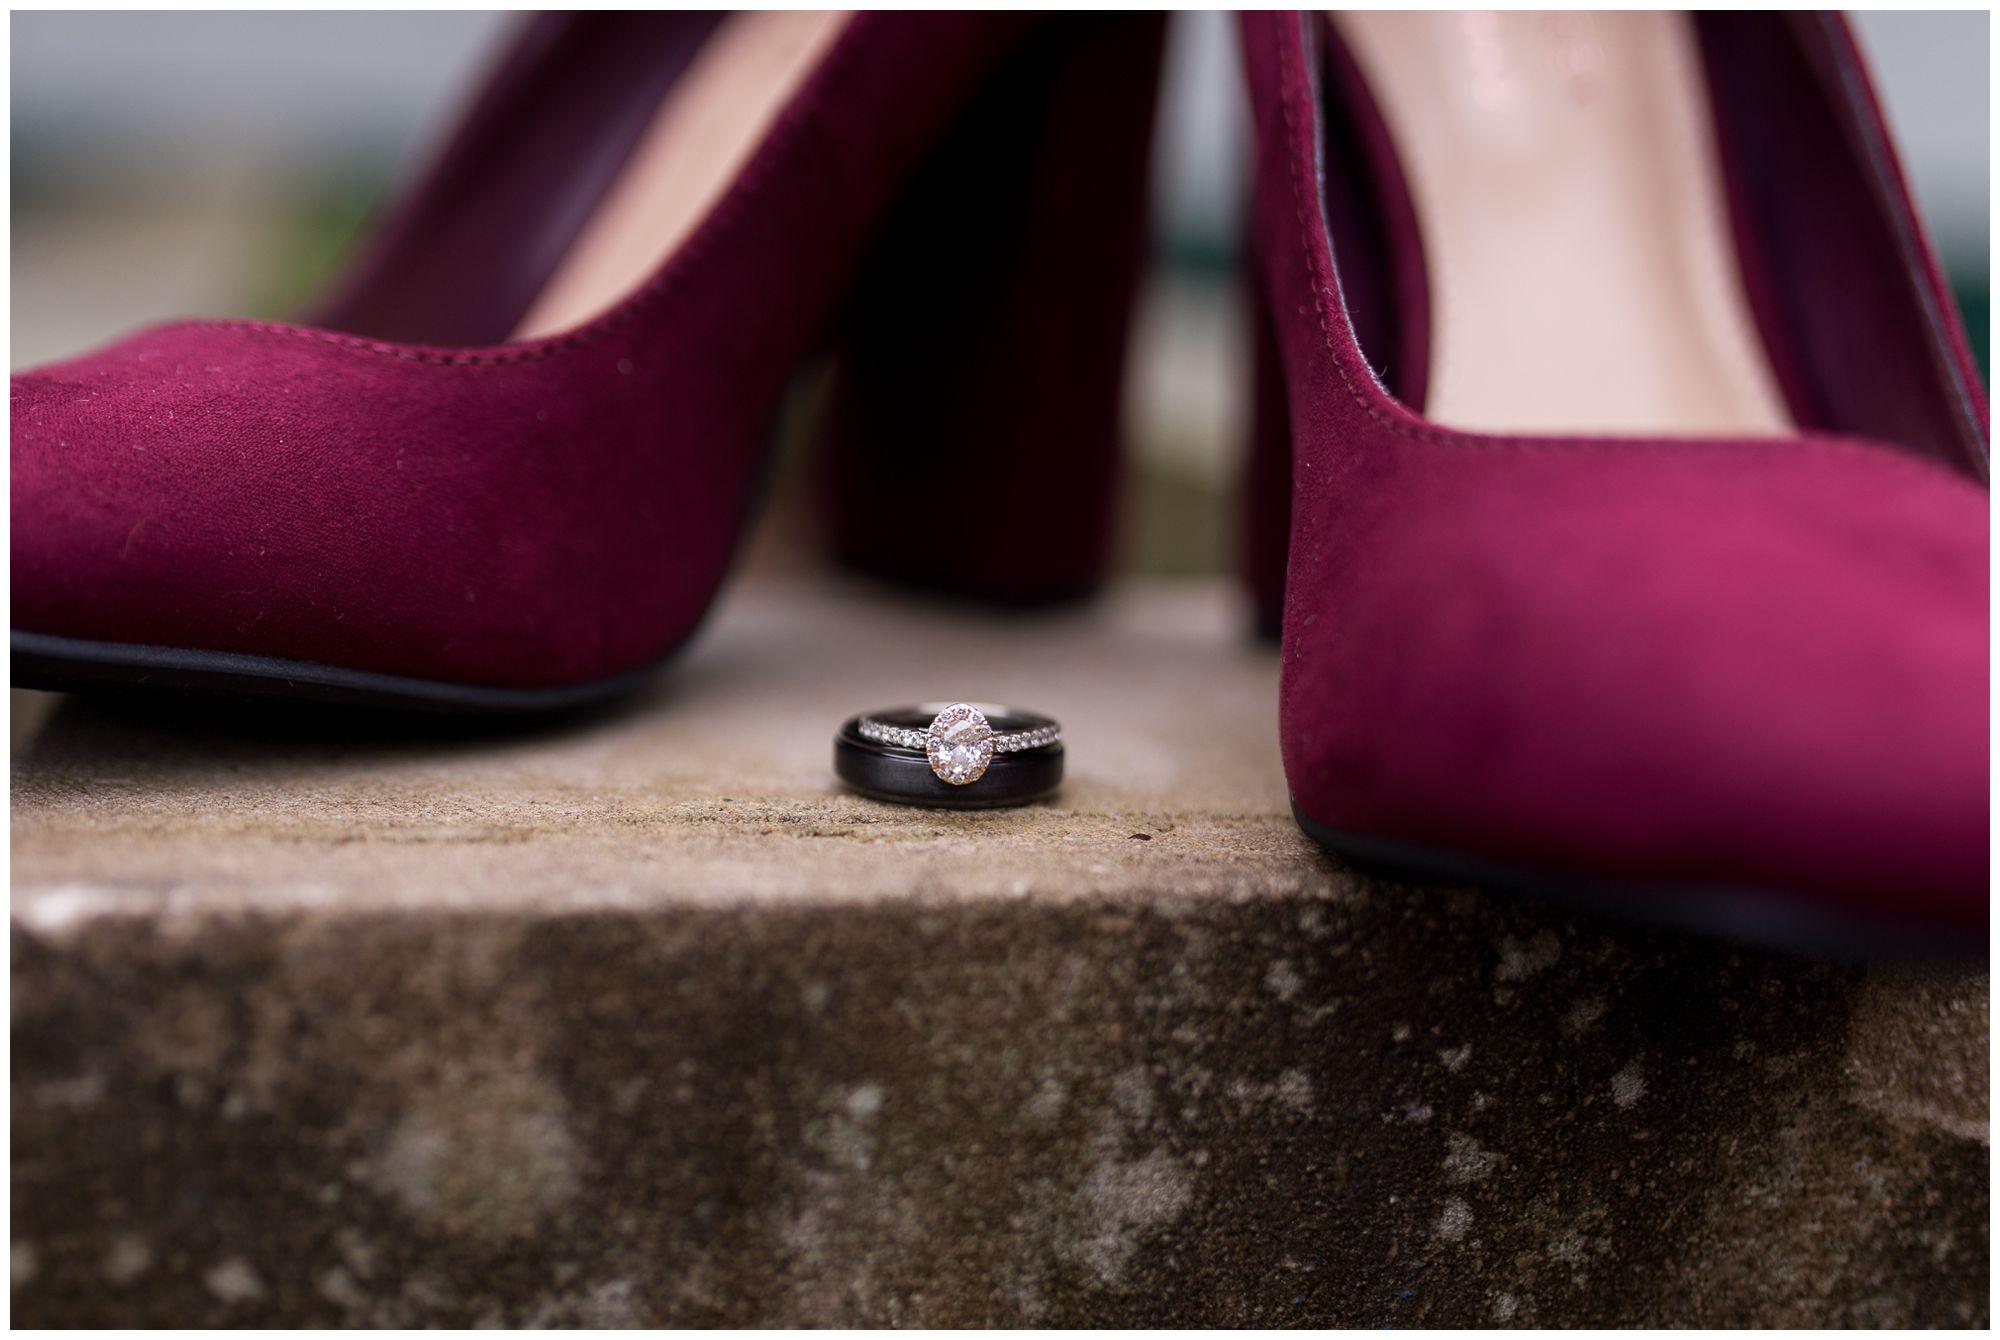 bride and groom rings between burgundy bride dress shoes at Peru Indiana wedding